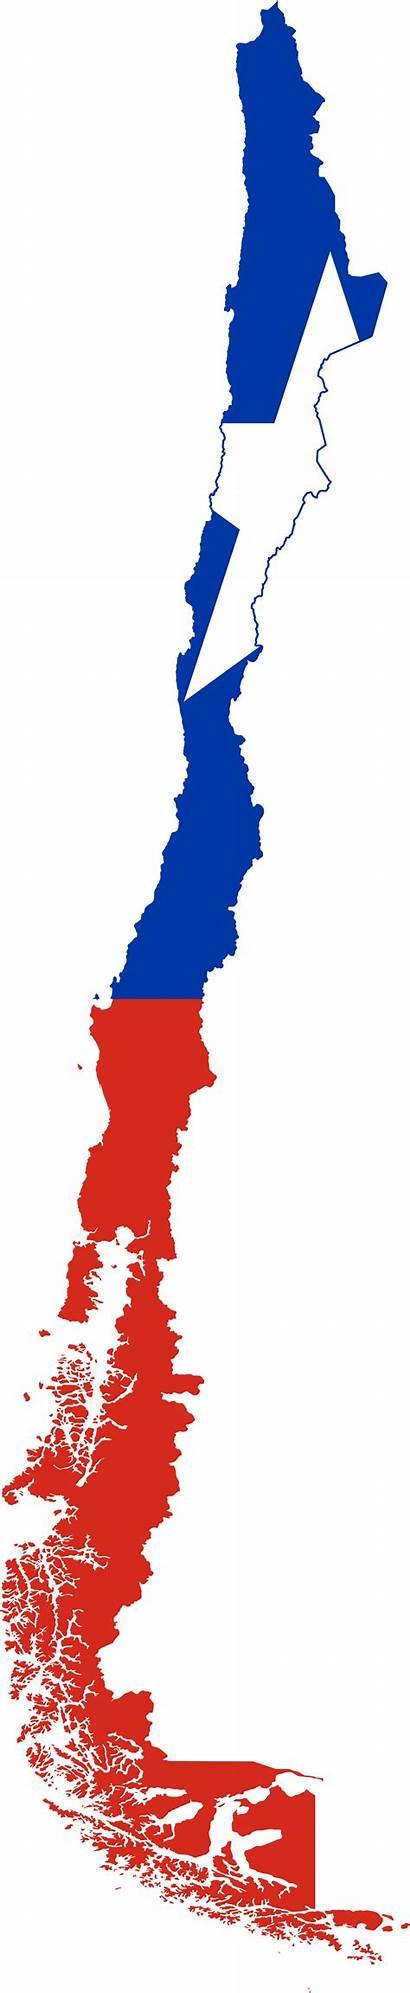 Chile Svg Flag Map Wikimedia Wikipedia Aoc